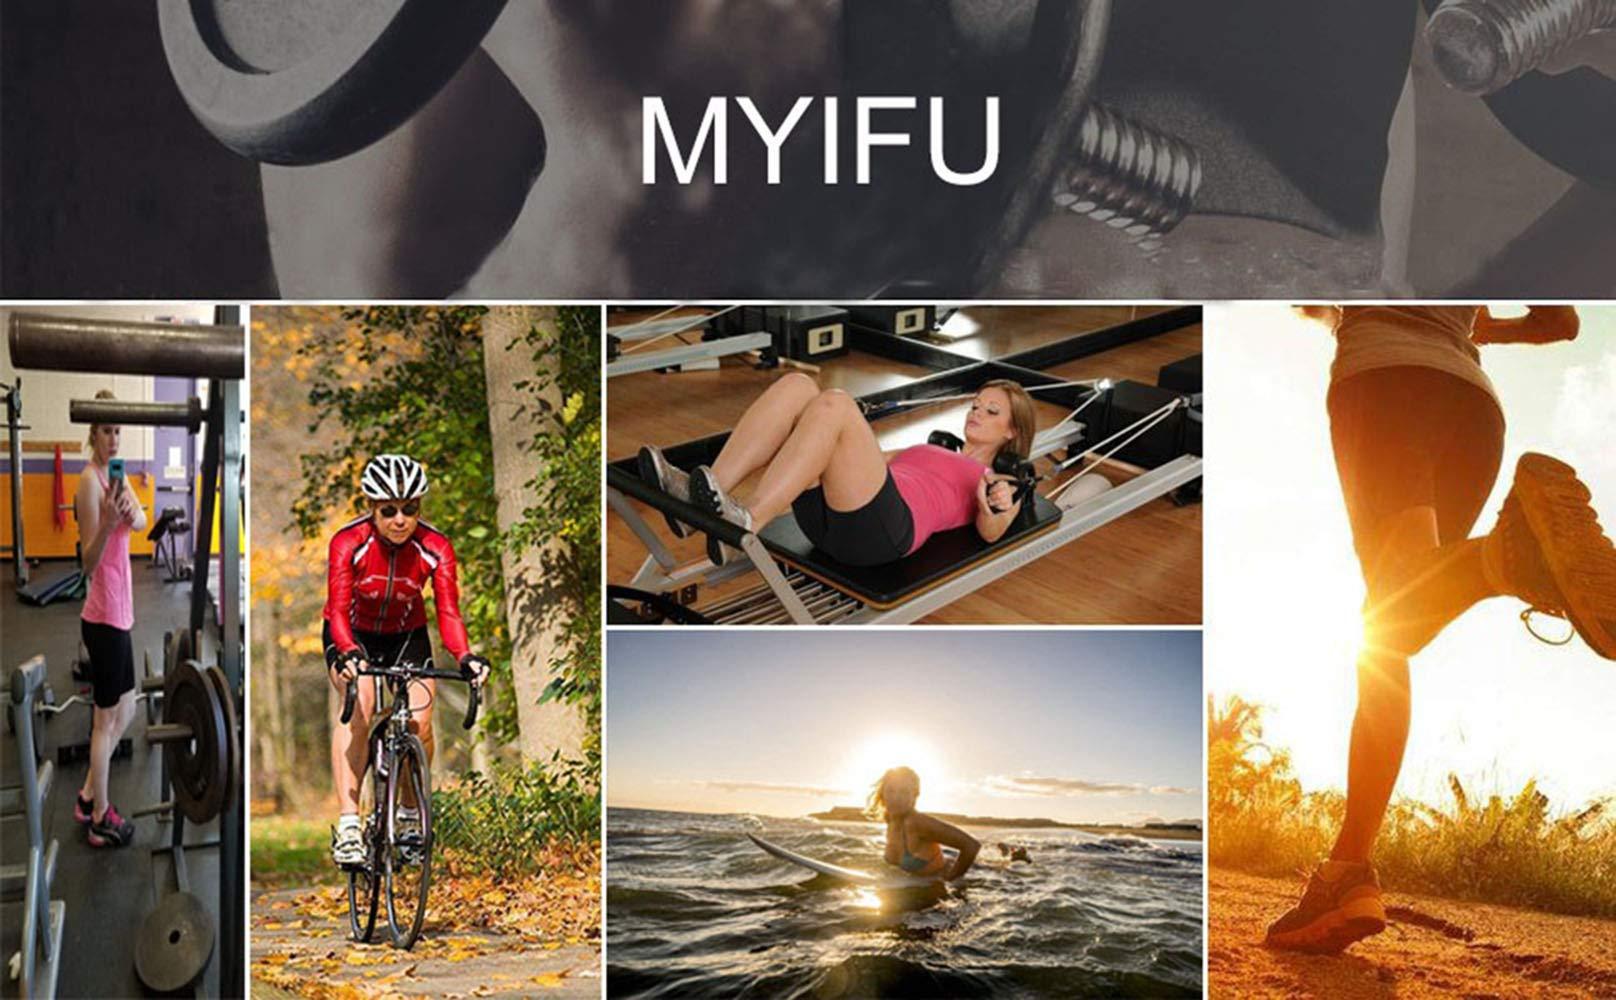 MYIFU Women's Solid Stretch High Waist Board Shorts Training Bike Sport Swim Short (X-Large, Dark Blue-2) by MYIFU (Image #6)